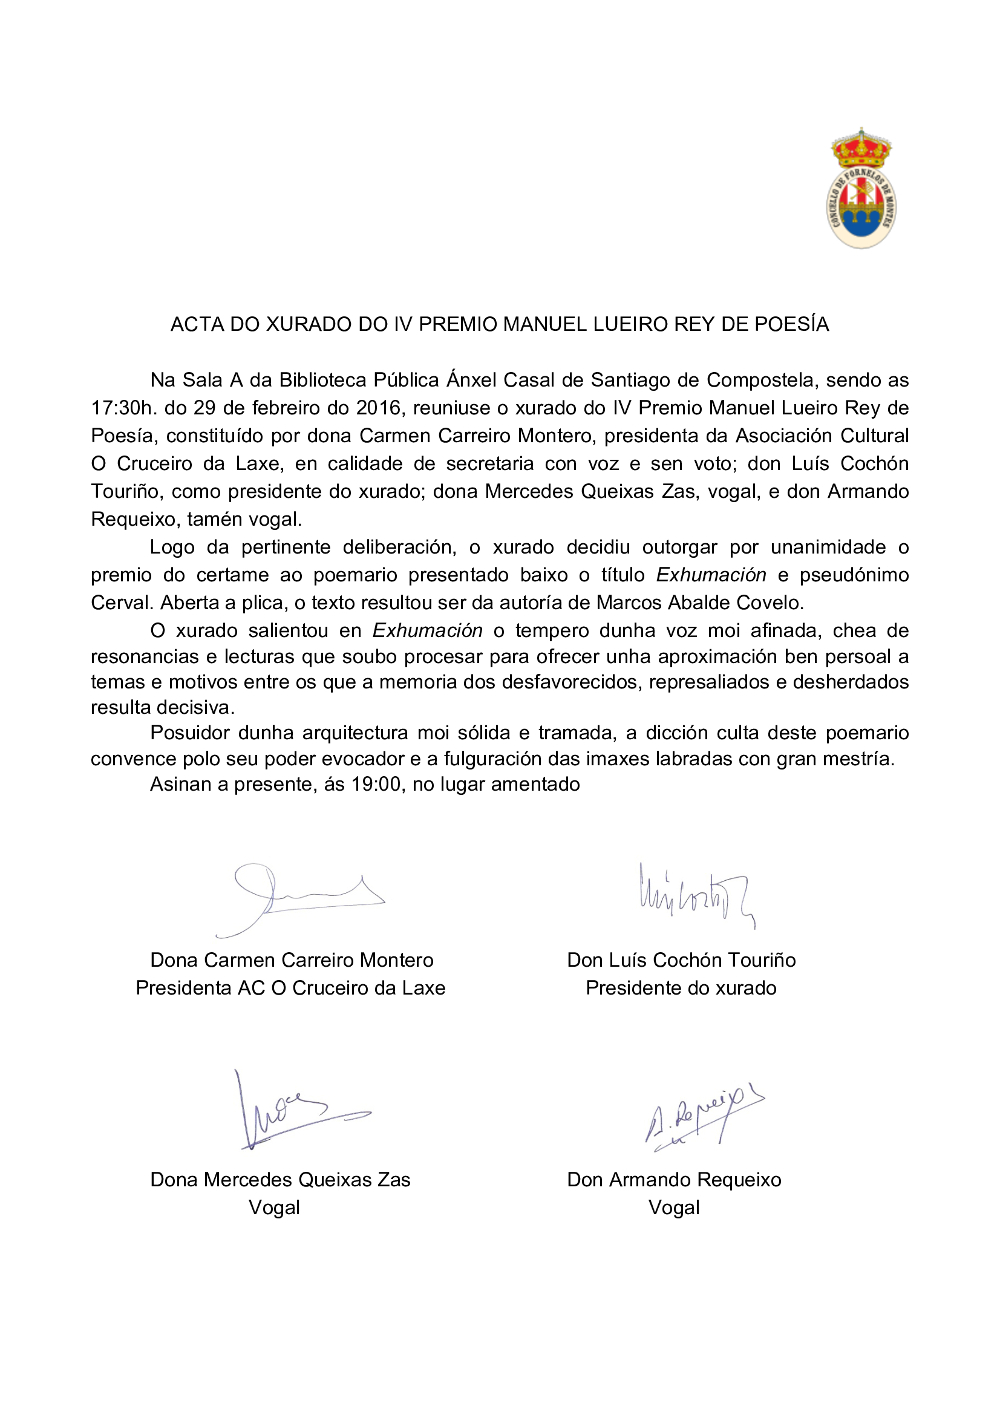 acta_xurado_IV_premio_manuel_lueiro